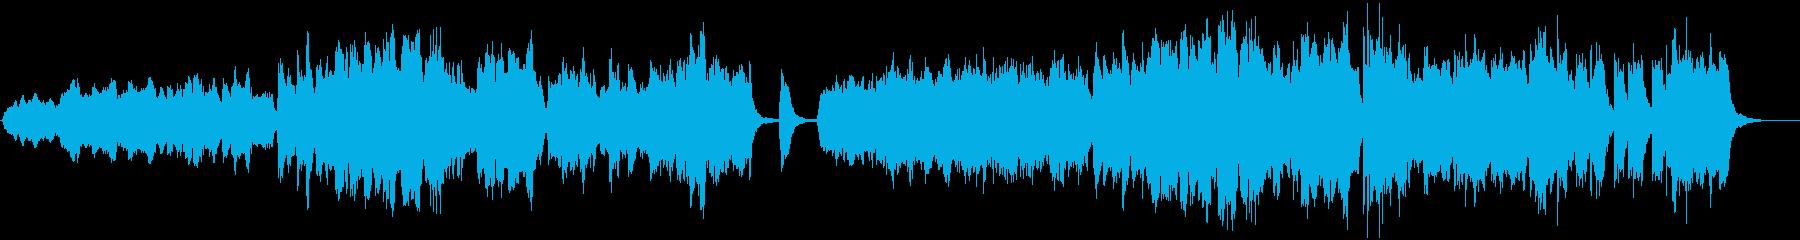 木管楽器が主体の牧歌的なBGMの再生済みの波形